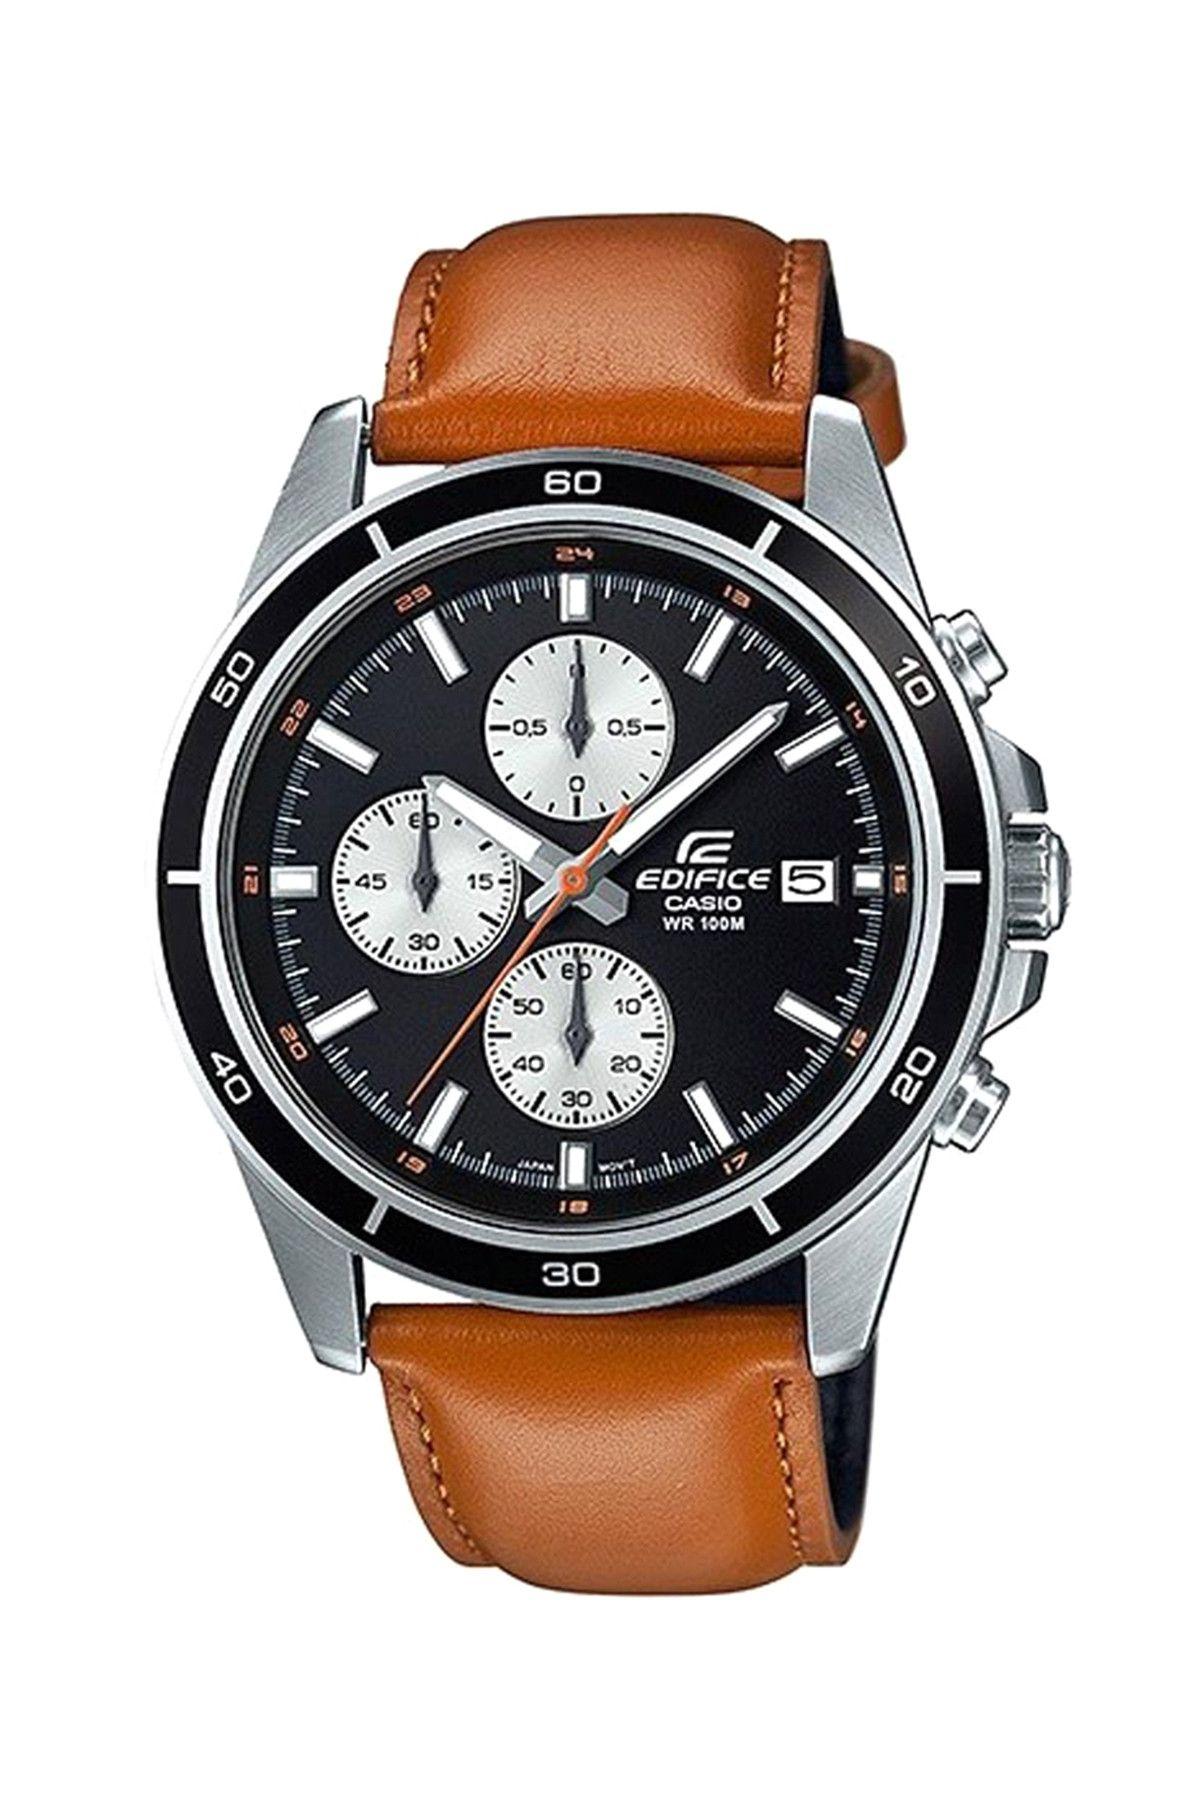 Erkek Kol Saati Efr 526l 1bvudf Casio Trendyol Watches For Men Casio Stylish Watches